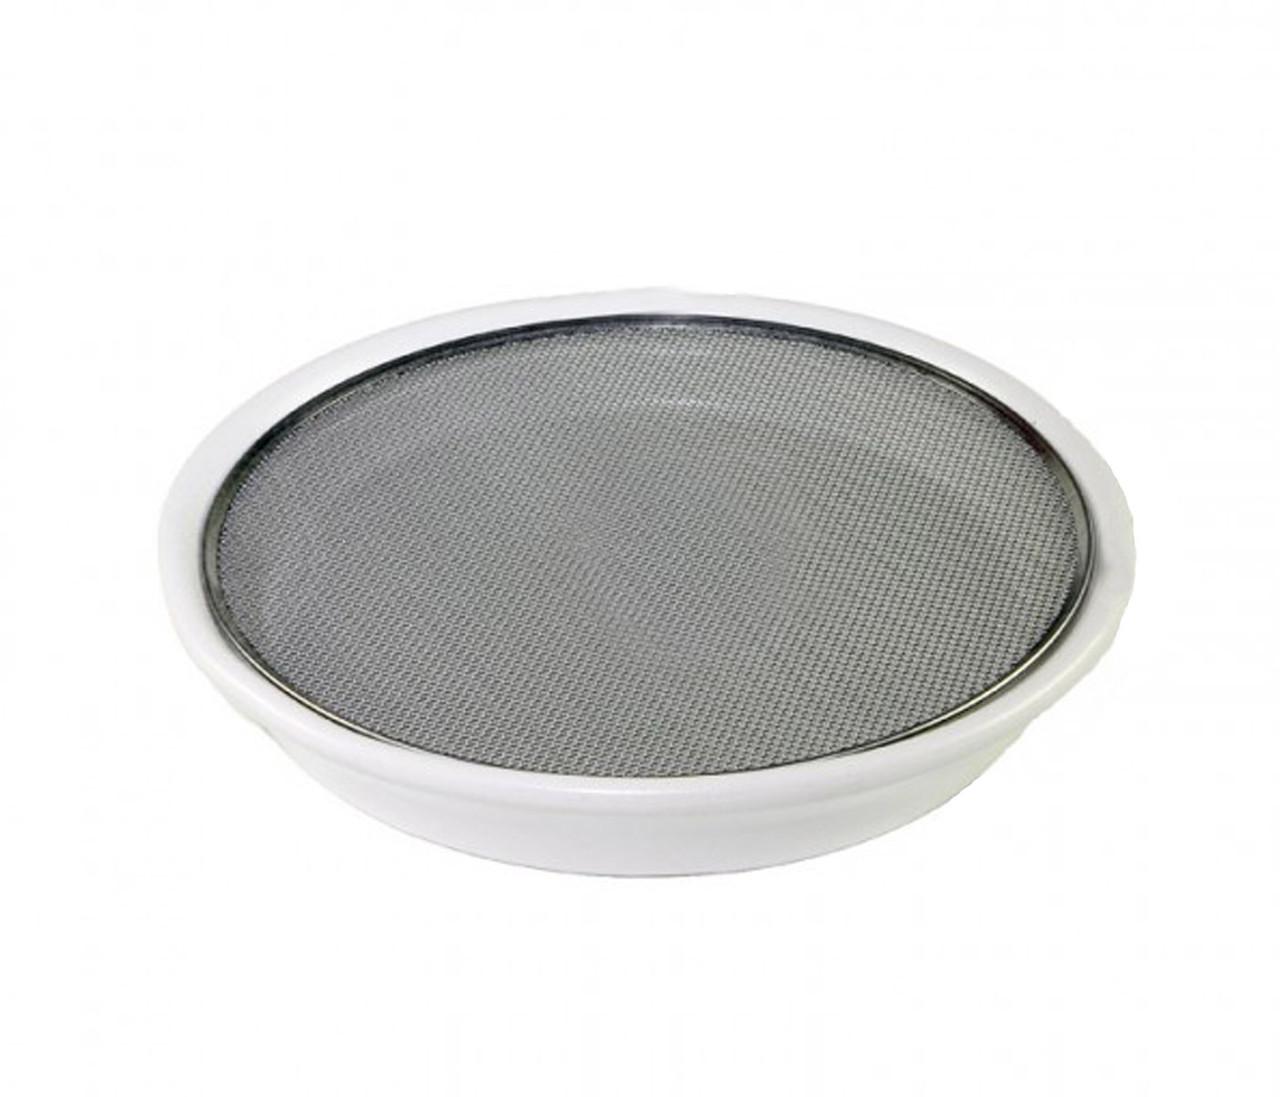 eschenfelder Тарелка для кресс-салатов Eschenfelder белая 21,5 см